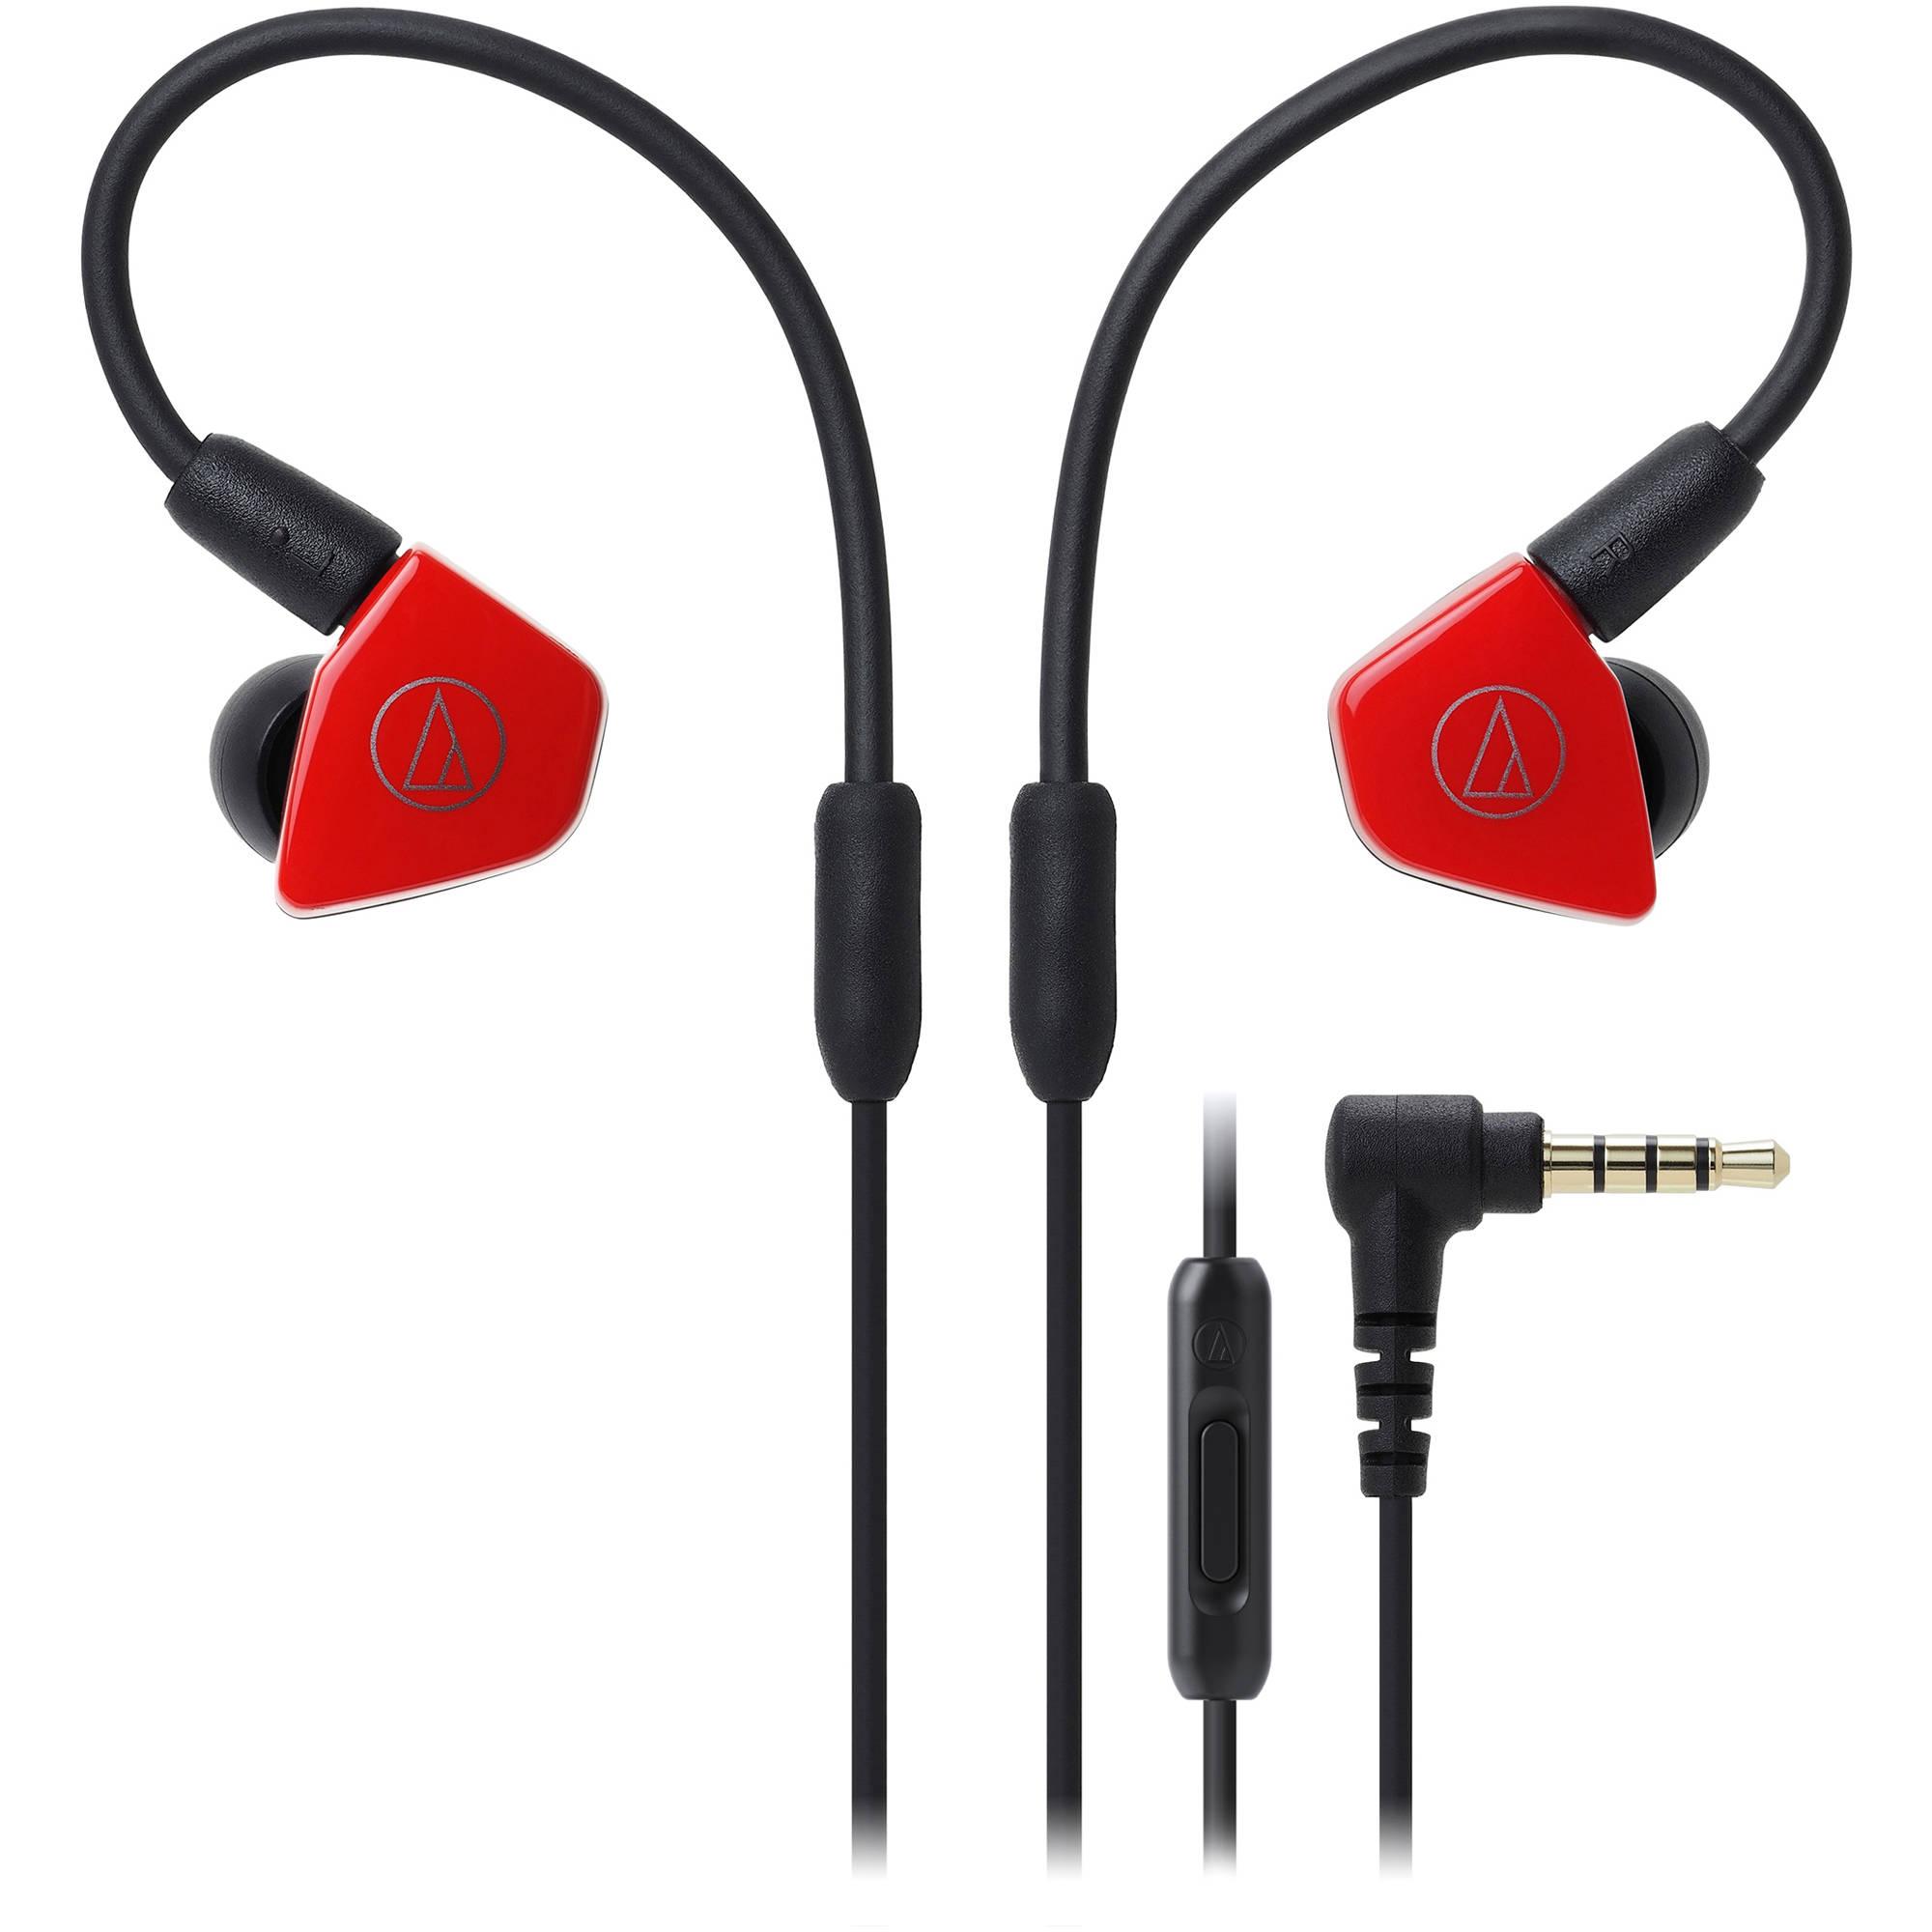 все цены на  Audio-Technica ATH-LS50iS (15119537) - внутриканальные наушники (Red)  онлайн